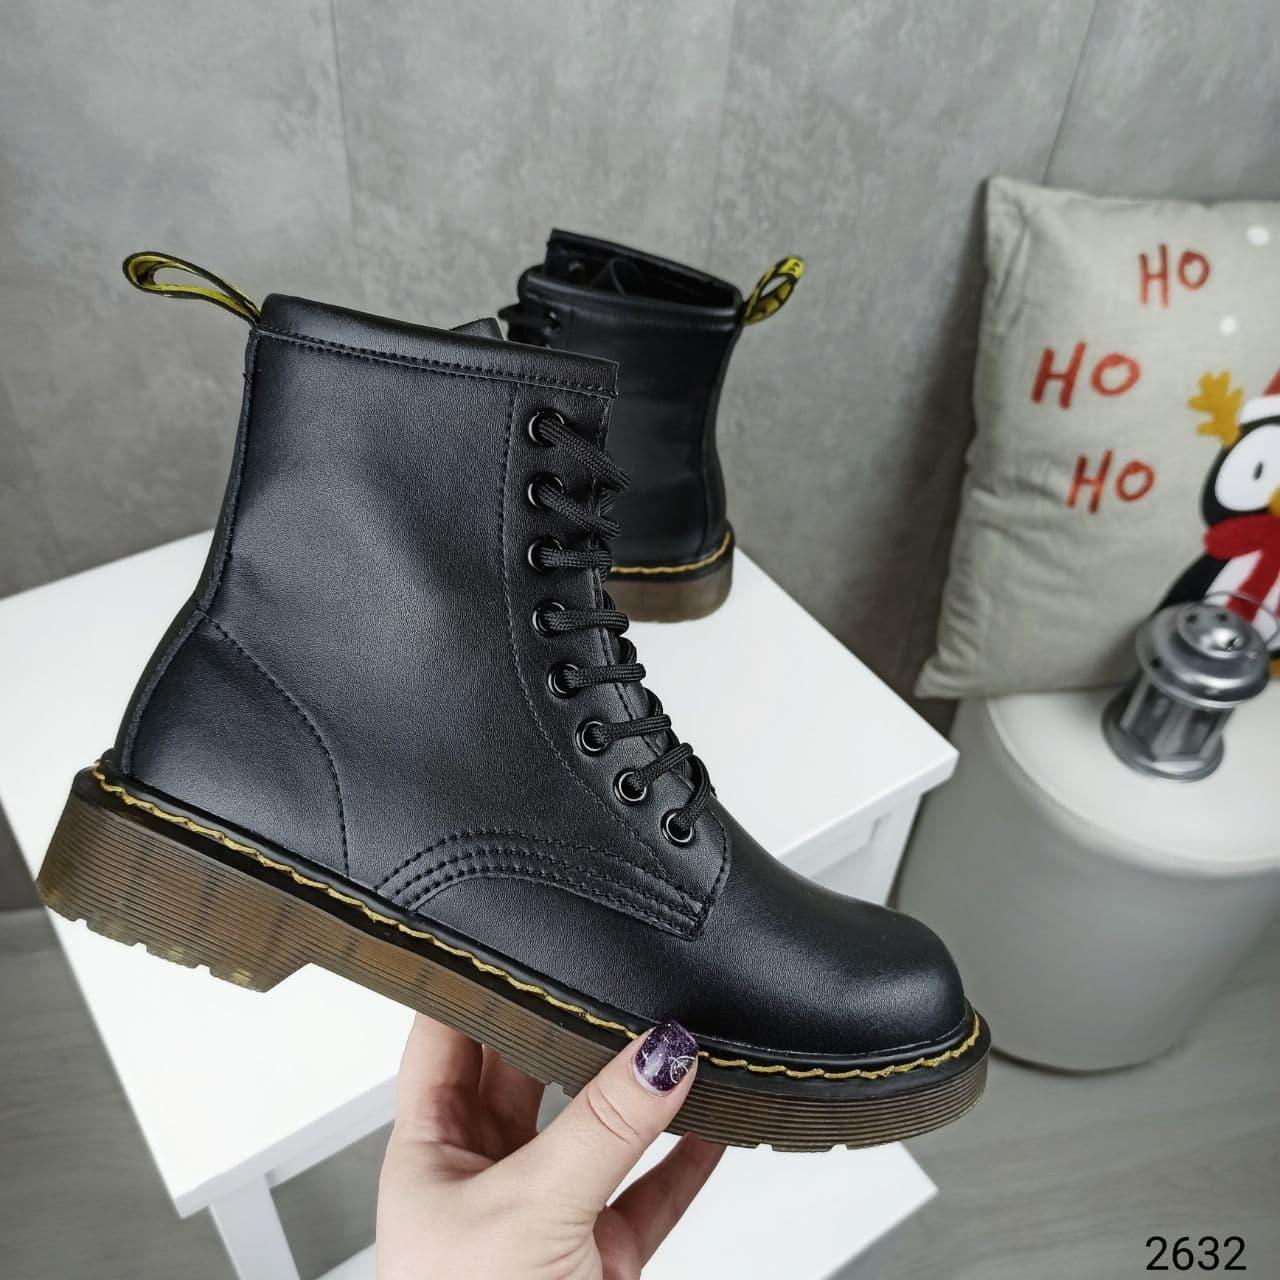 23 см Ботинки женские деми черные кожаные на низком ходу демисезонные из натуральной кожи натуральная кожа